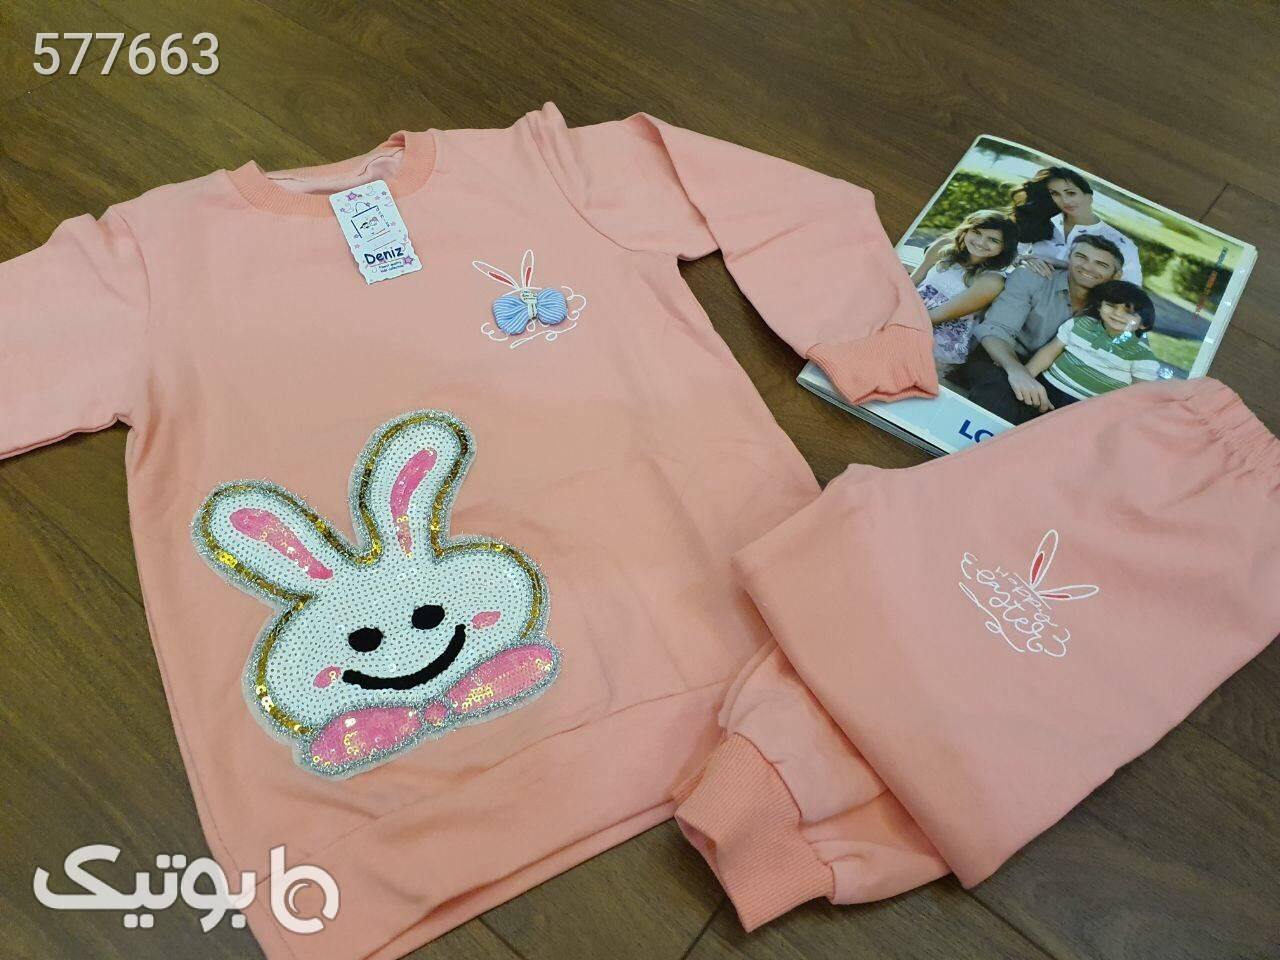 ست خرگوش پولكي کرم لباس کودک دخترانه